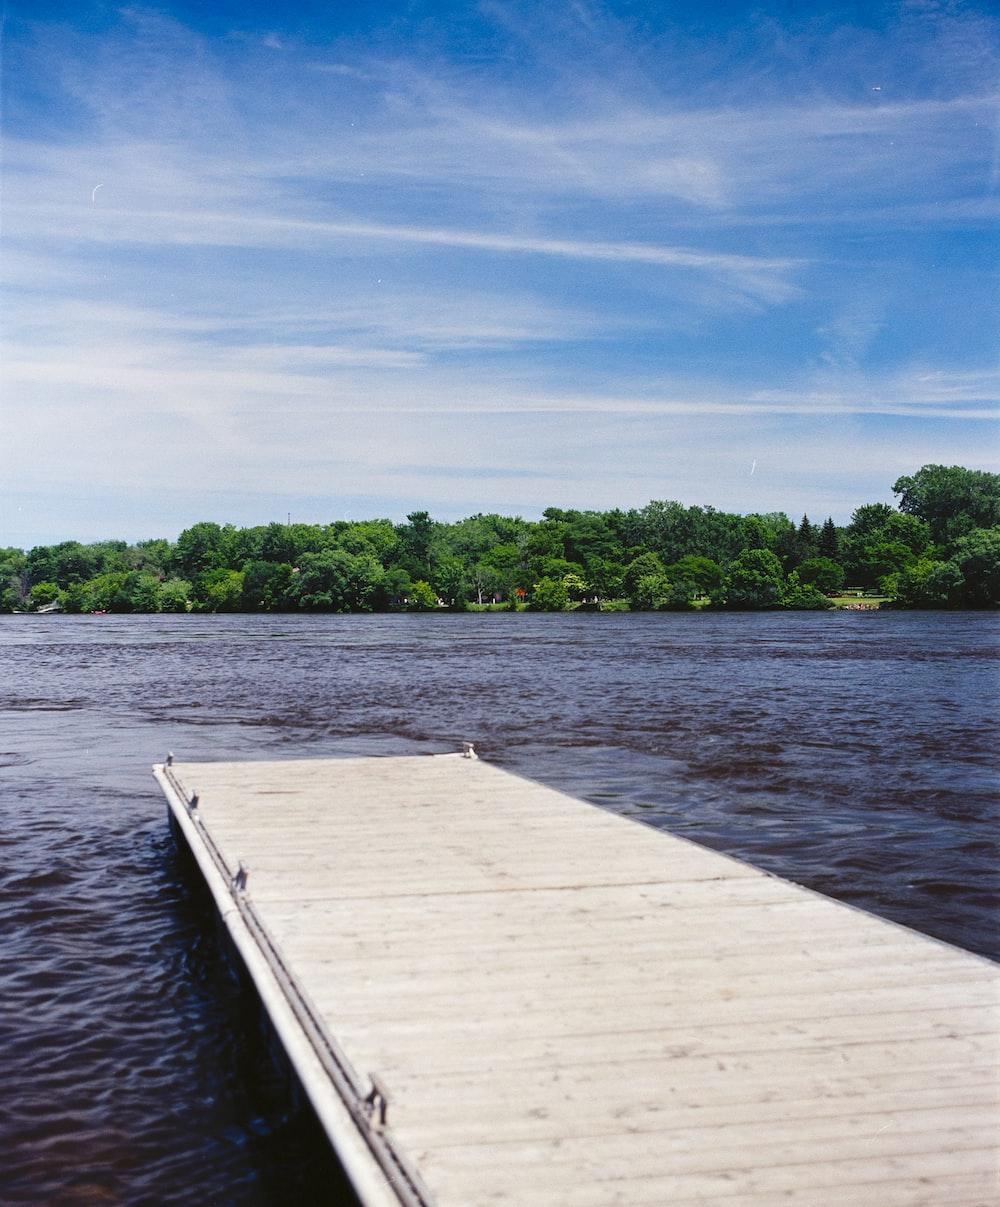 dock during daytime